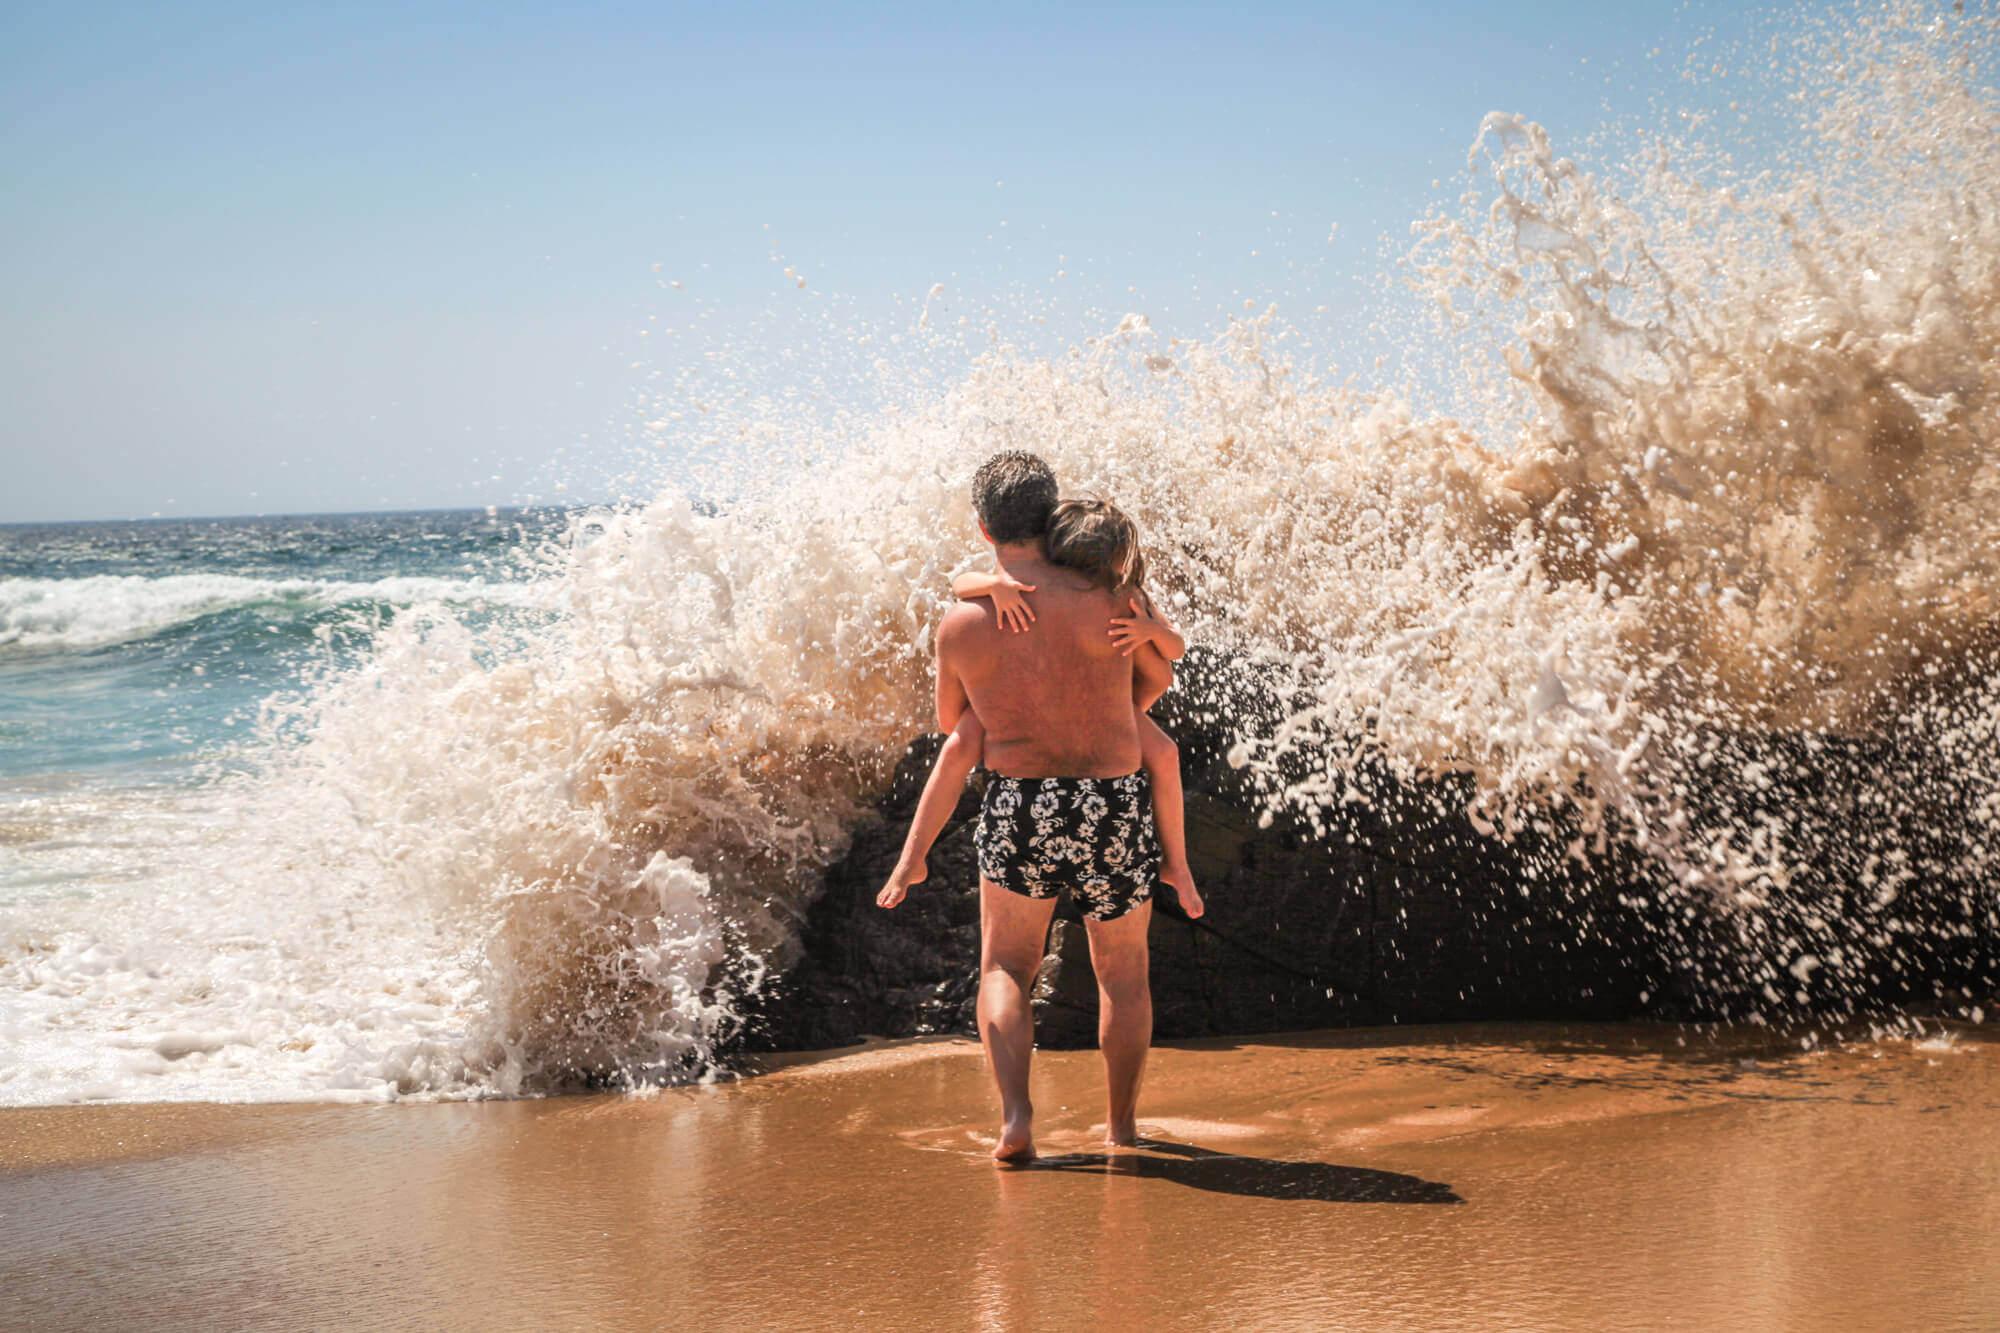 Praia do Guincho watching waves